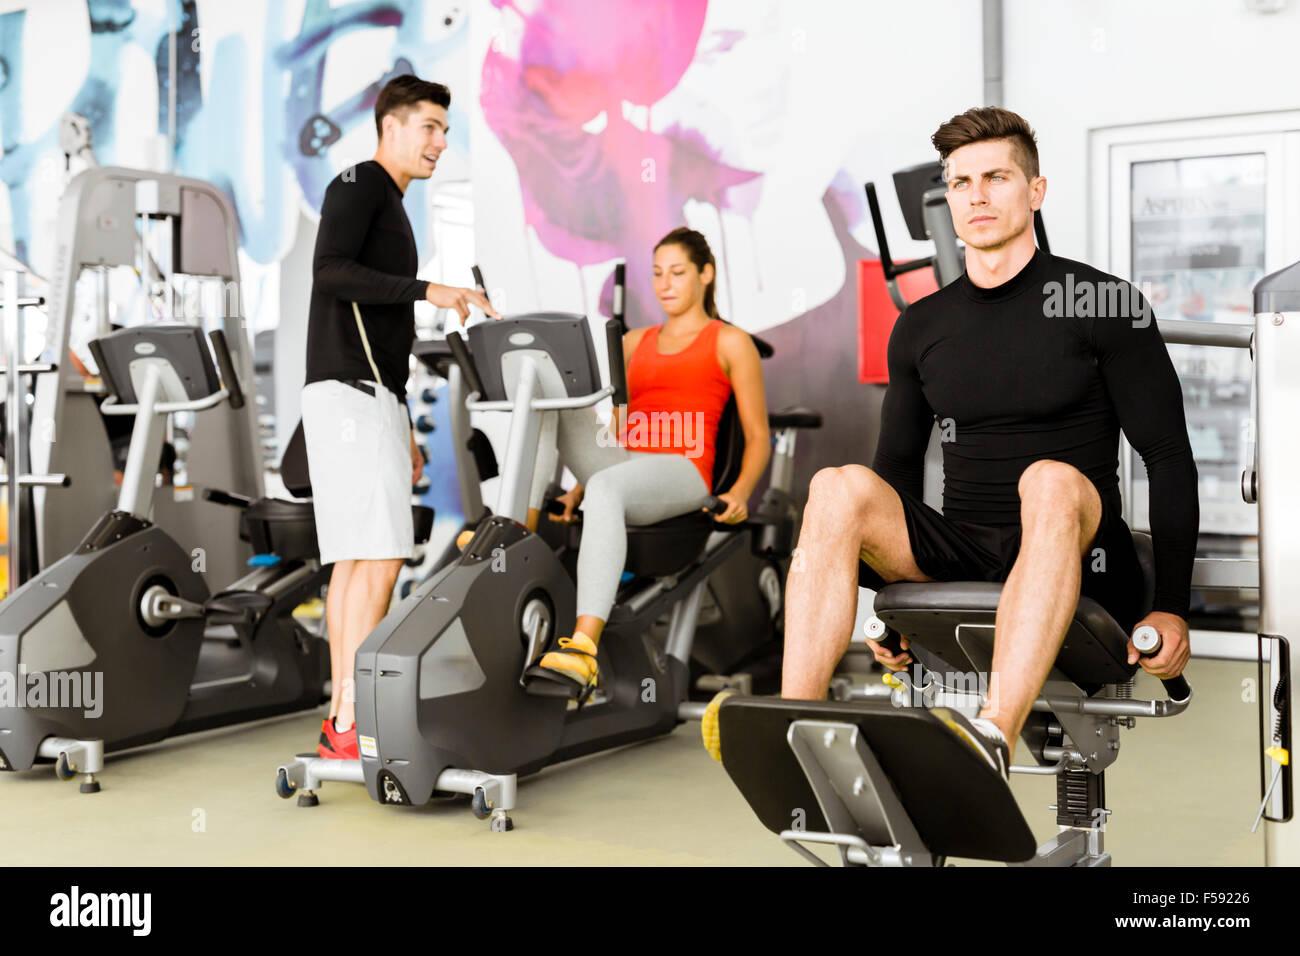 Groupe de jeunes gens qui travaillent ensemble dans une salle de sport Photo Stock